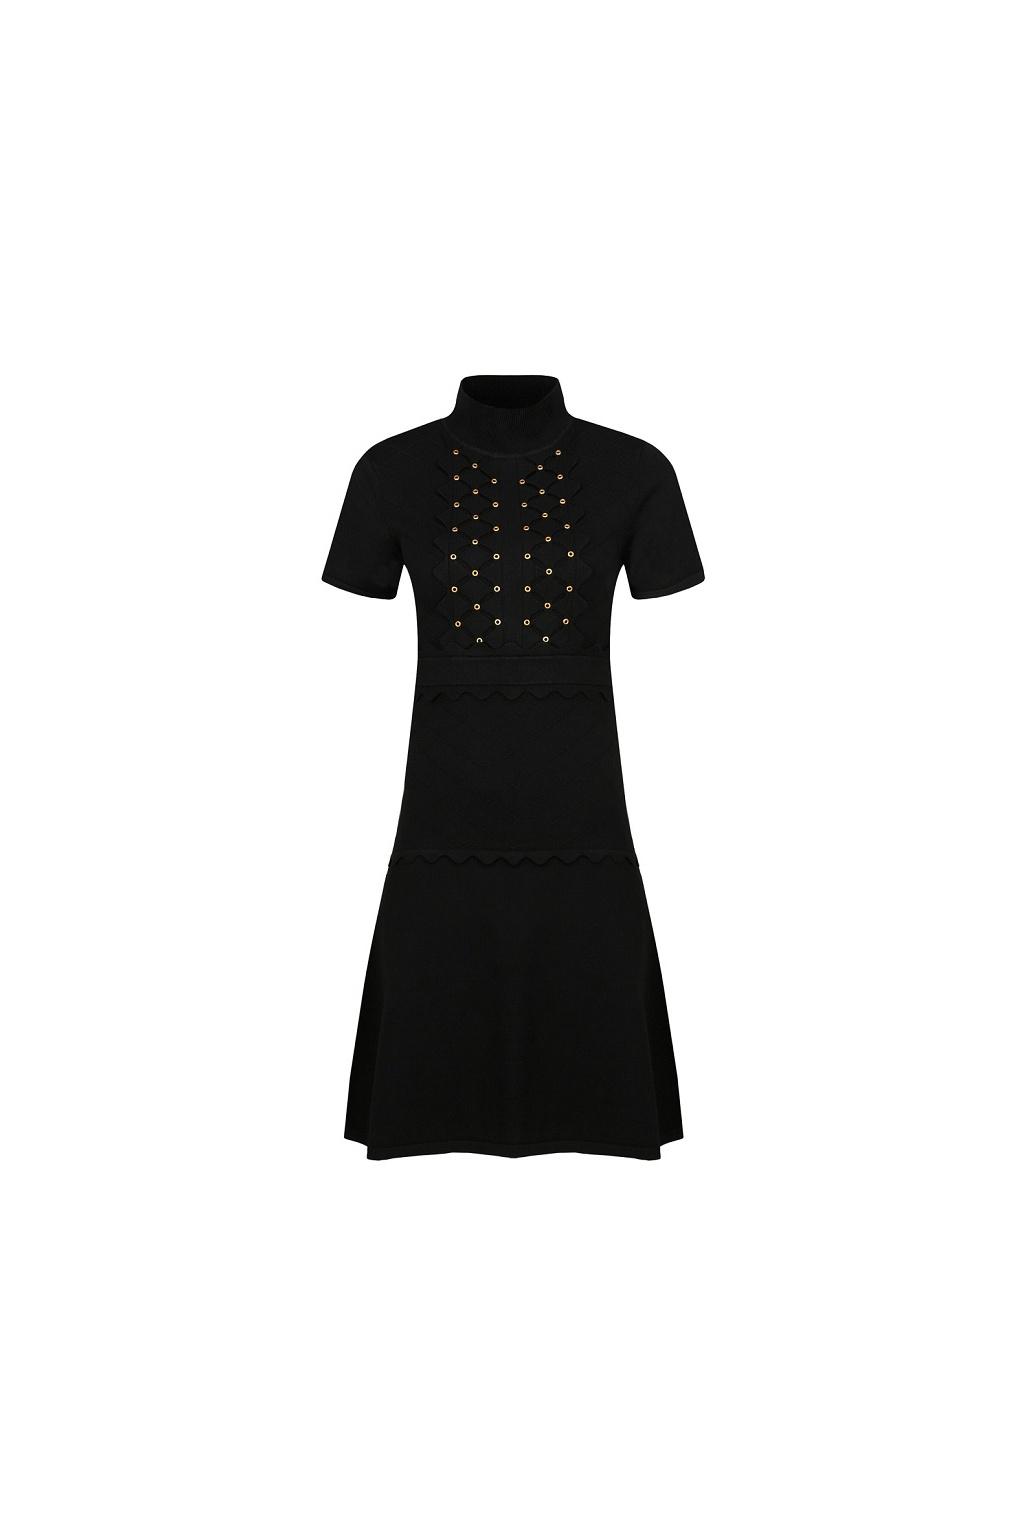 1G155M Y6E6 Dámské šaty Pinko Dominica černé